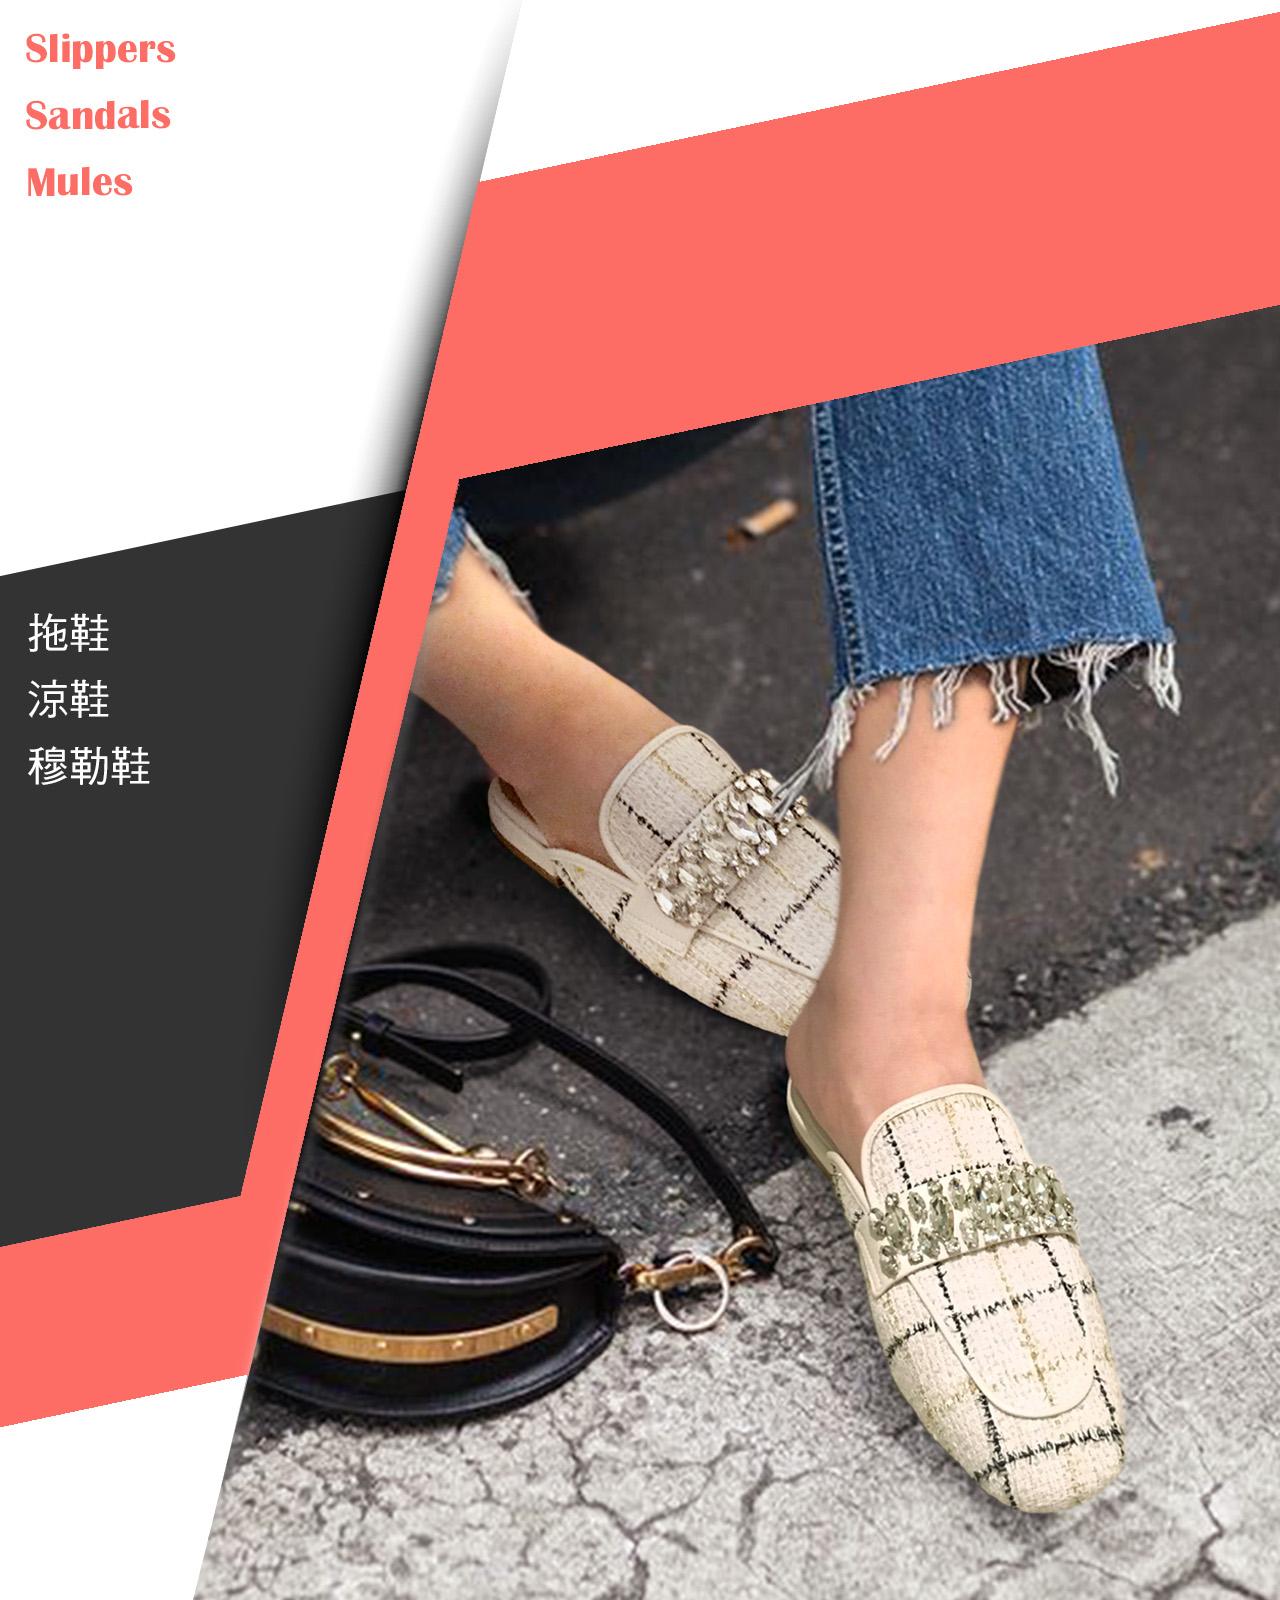 穆勒鞋-1